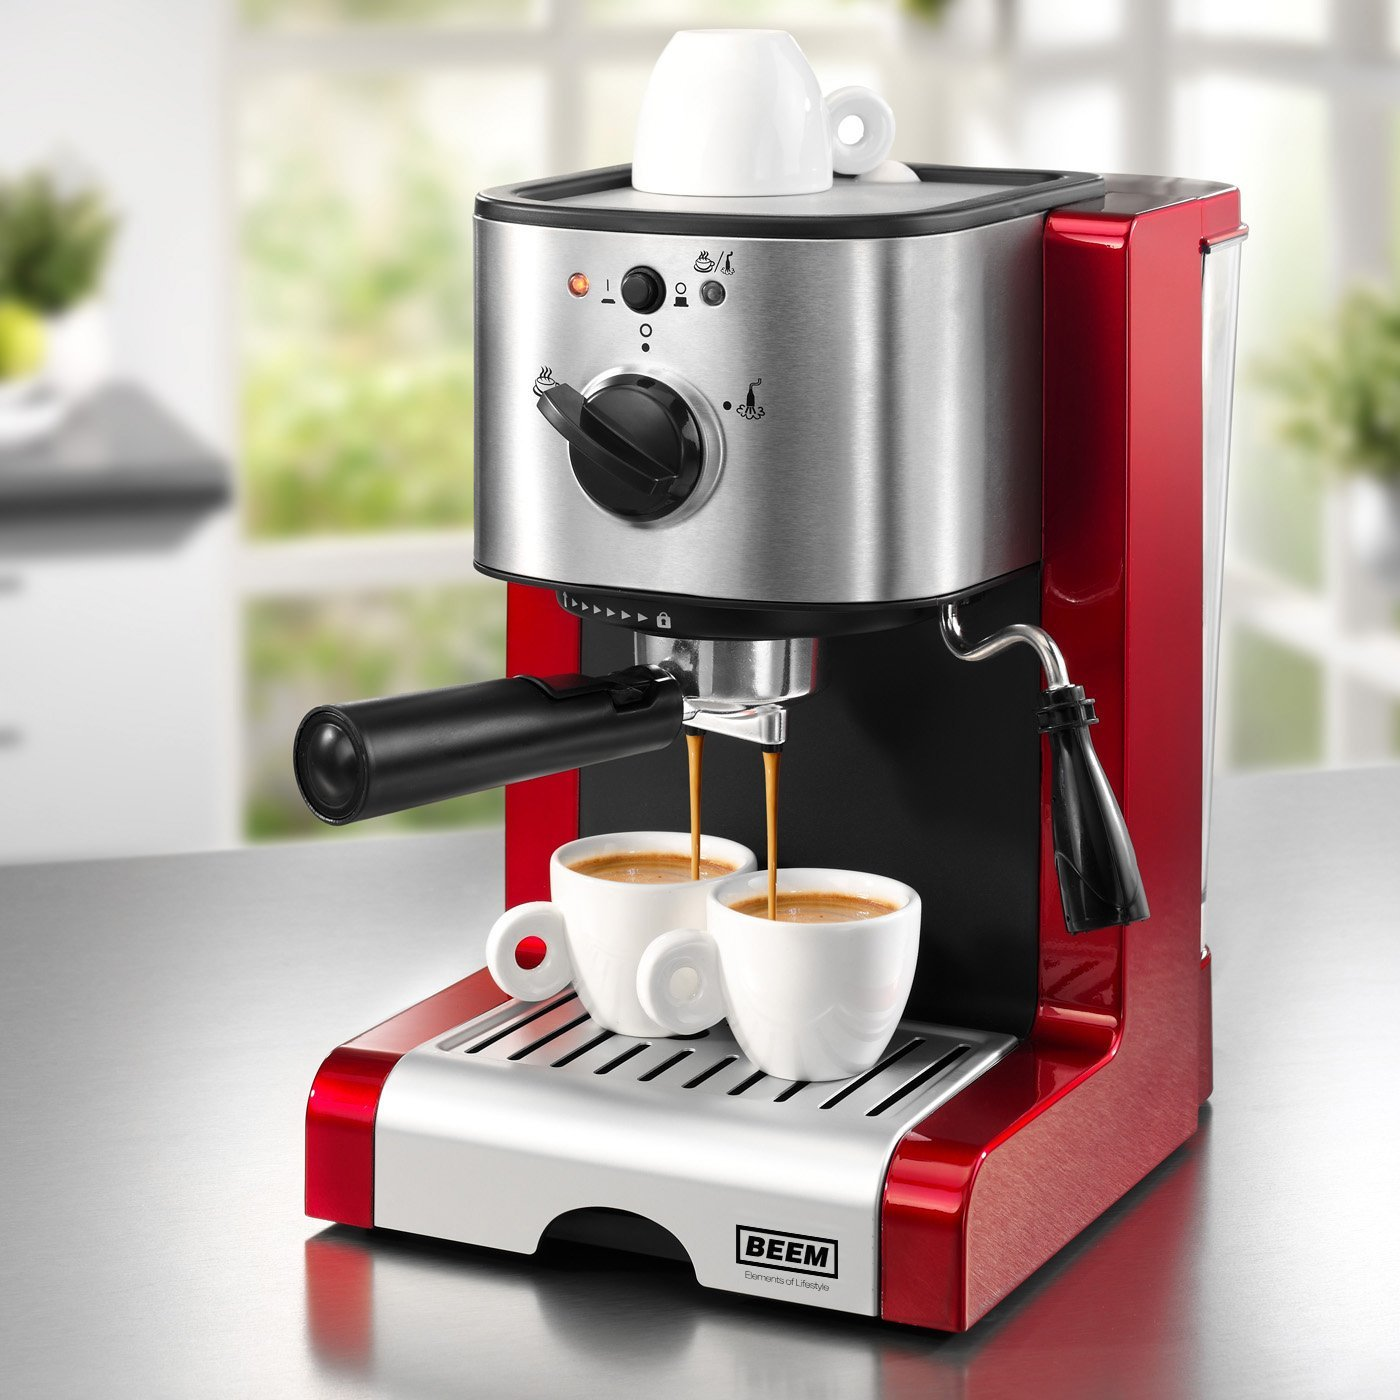 Esta cafetera espresso que nos presenta Been, es en su gama de cafeteras domésticas de lo mejor que hay en relación calidad precio: rápida, silenciosa y saca un magnífico café